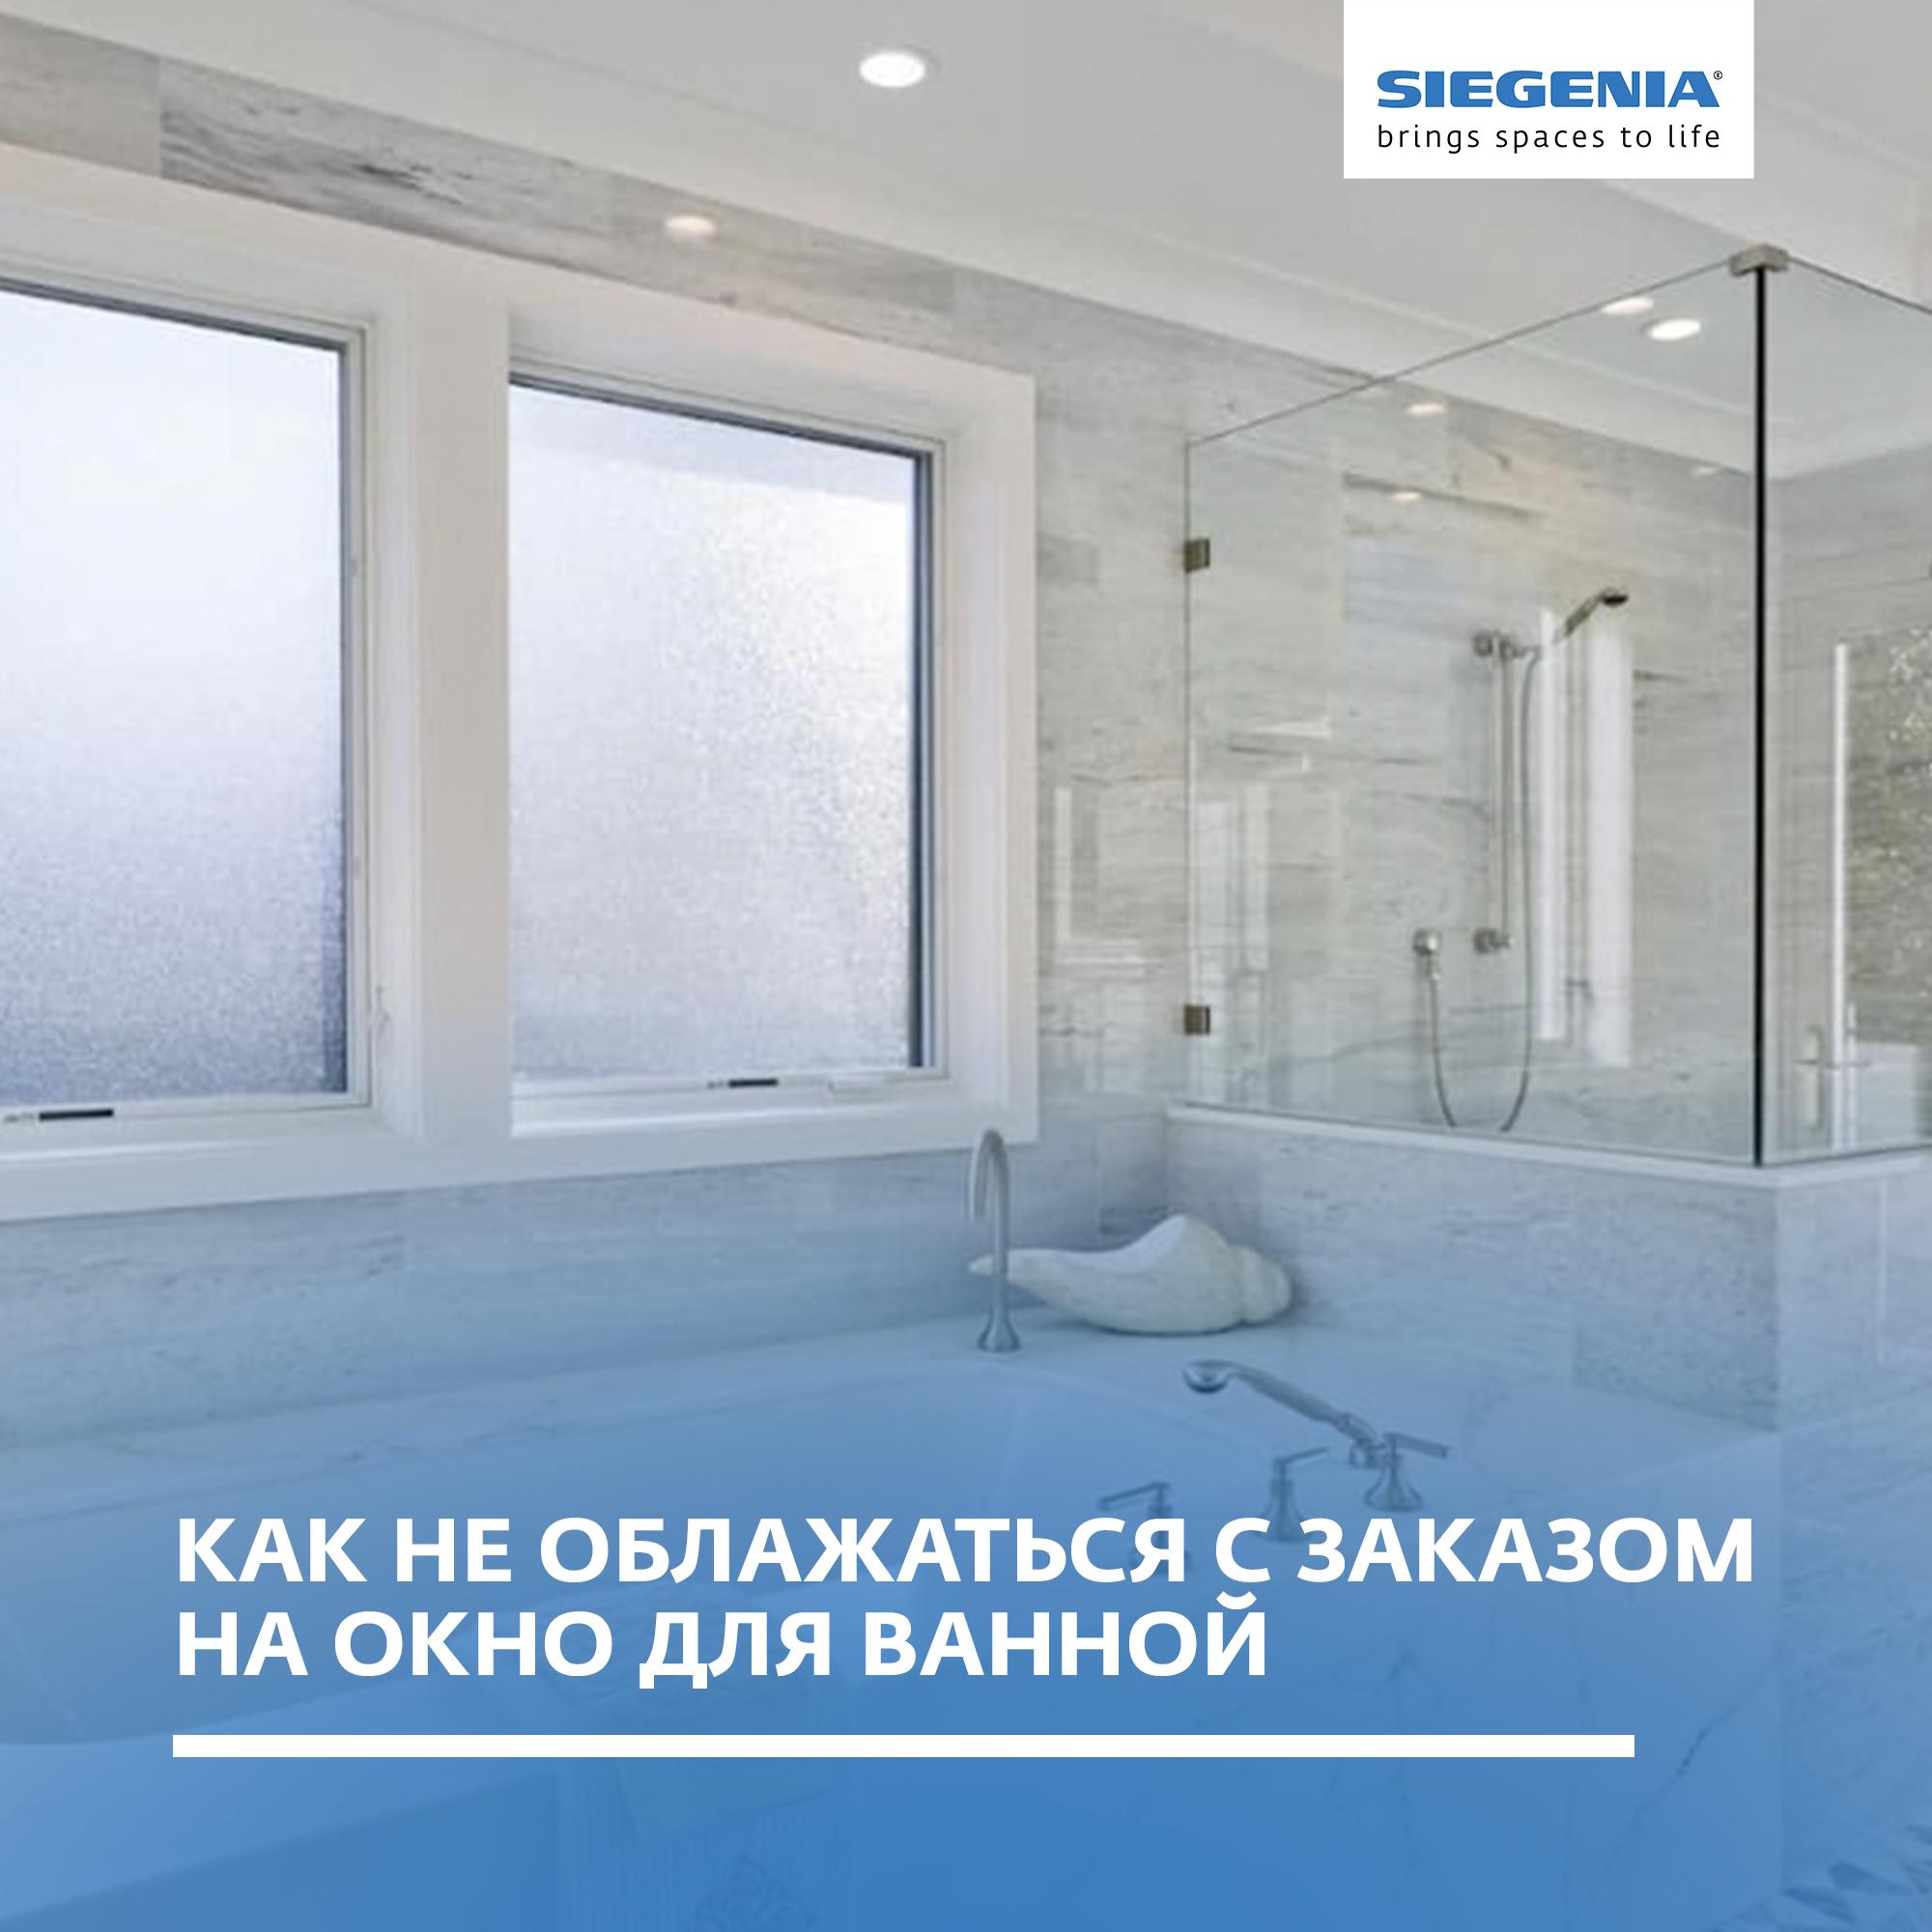 kak-ne-oblazhatsya-s-zakazom-na-okno-dlya-vannoj